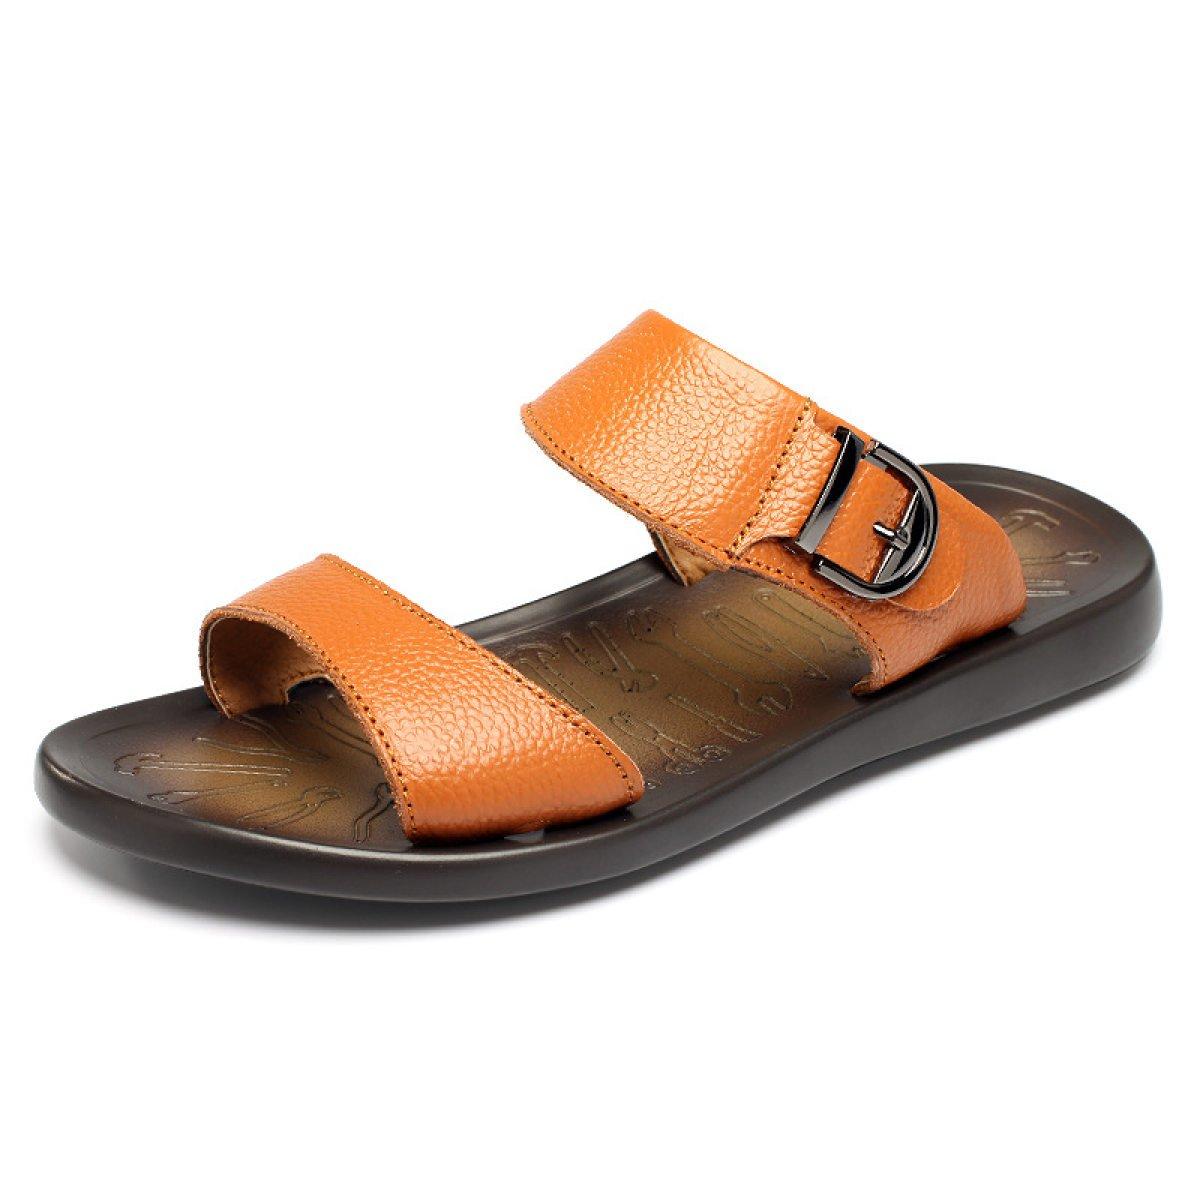 LYZGF Los Hombres De Ocio De Verano Sandalias Respirables De Moda Zapatillas De Playa De Cuero 40 EU LightBrown1